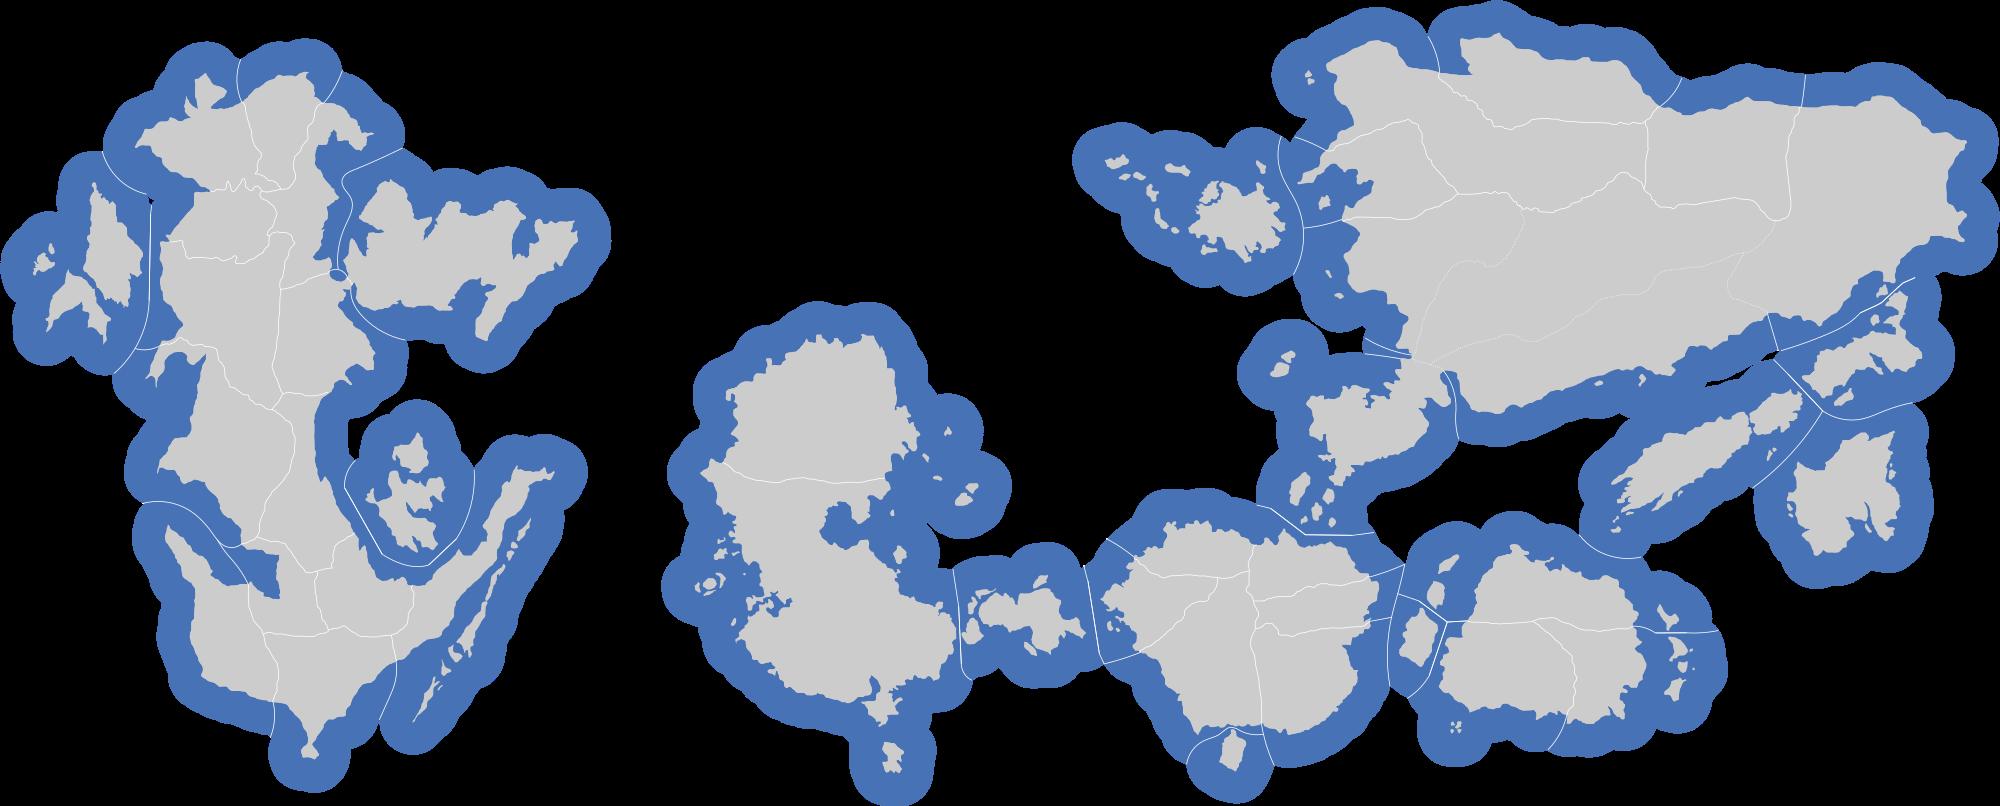 Intégration de l'économie marine et détermination des zones maritimes - Page 4 180420074703138276